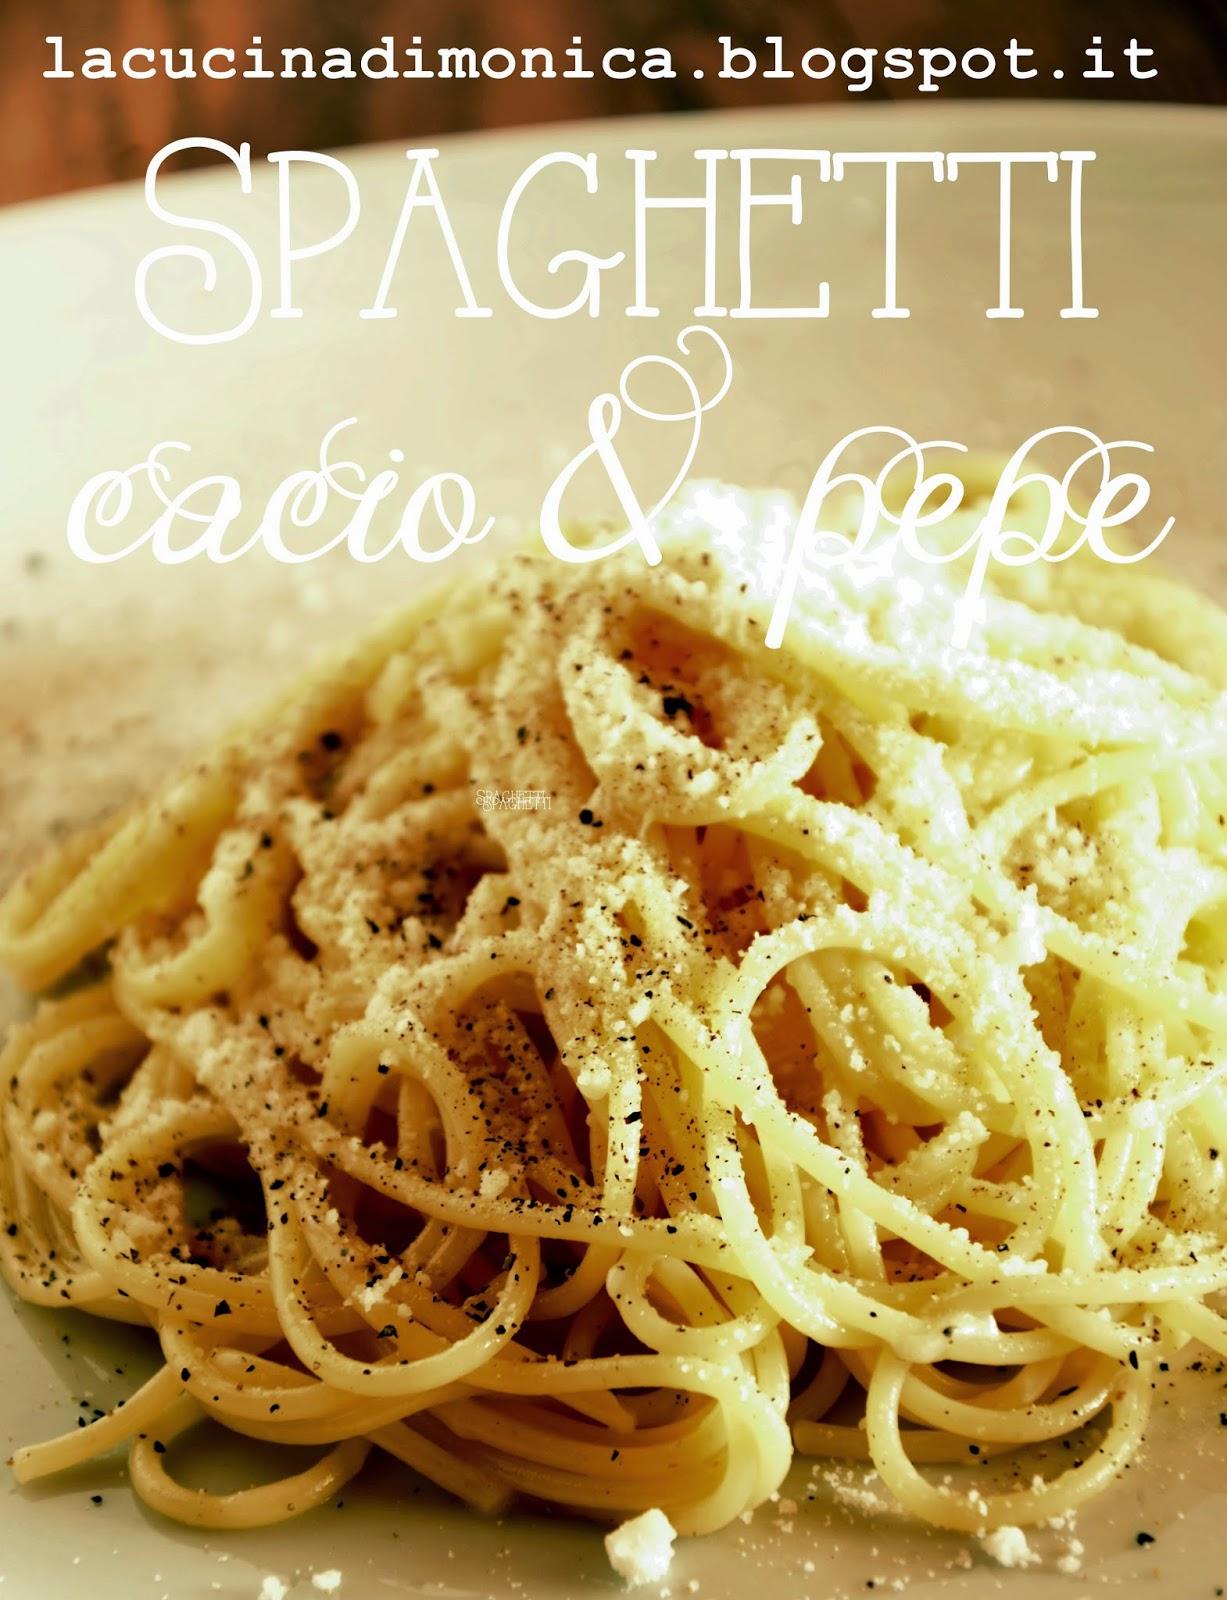 spaghetti cacio & pepe